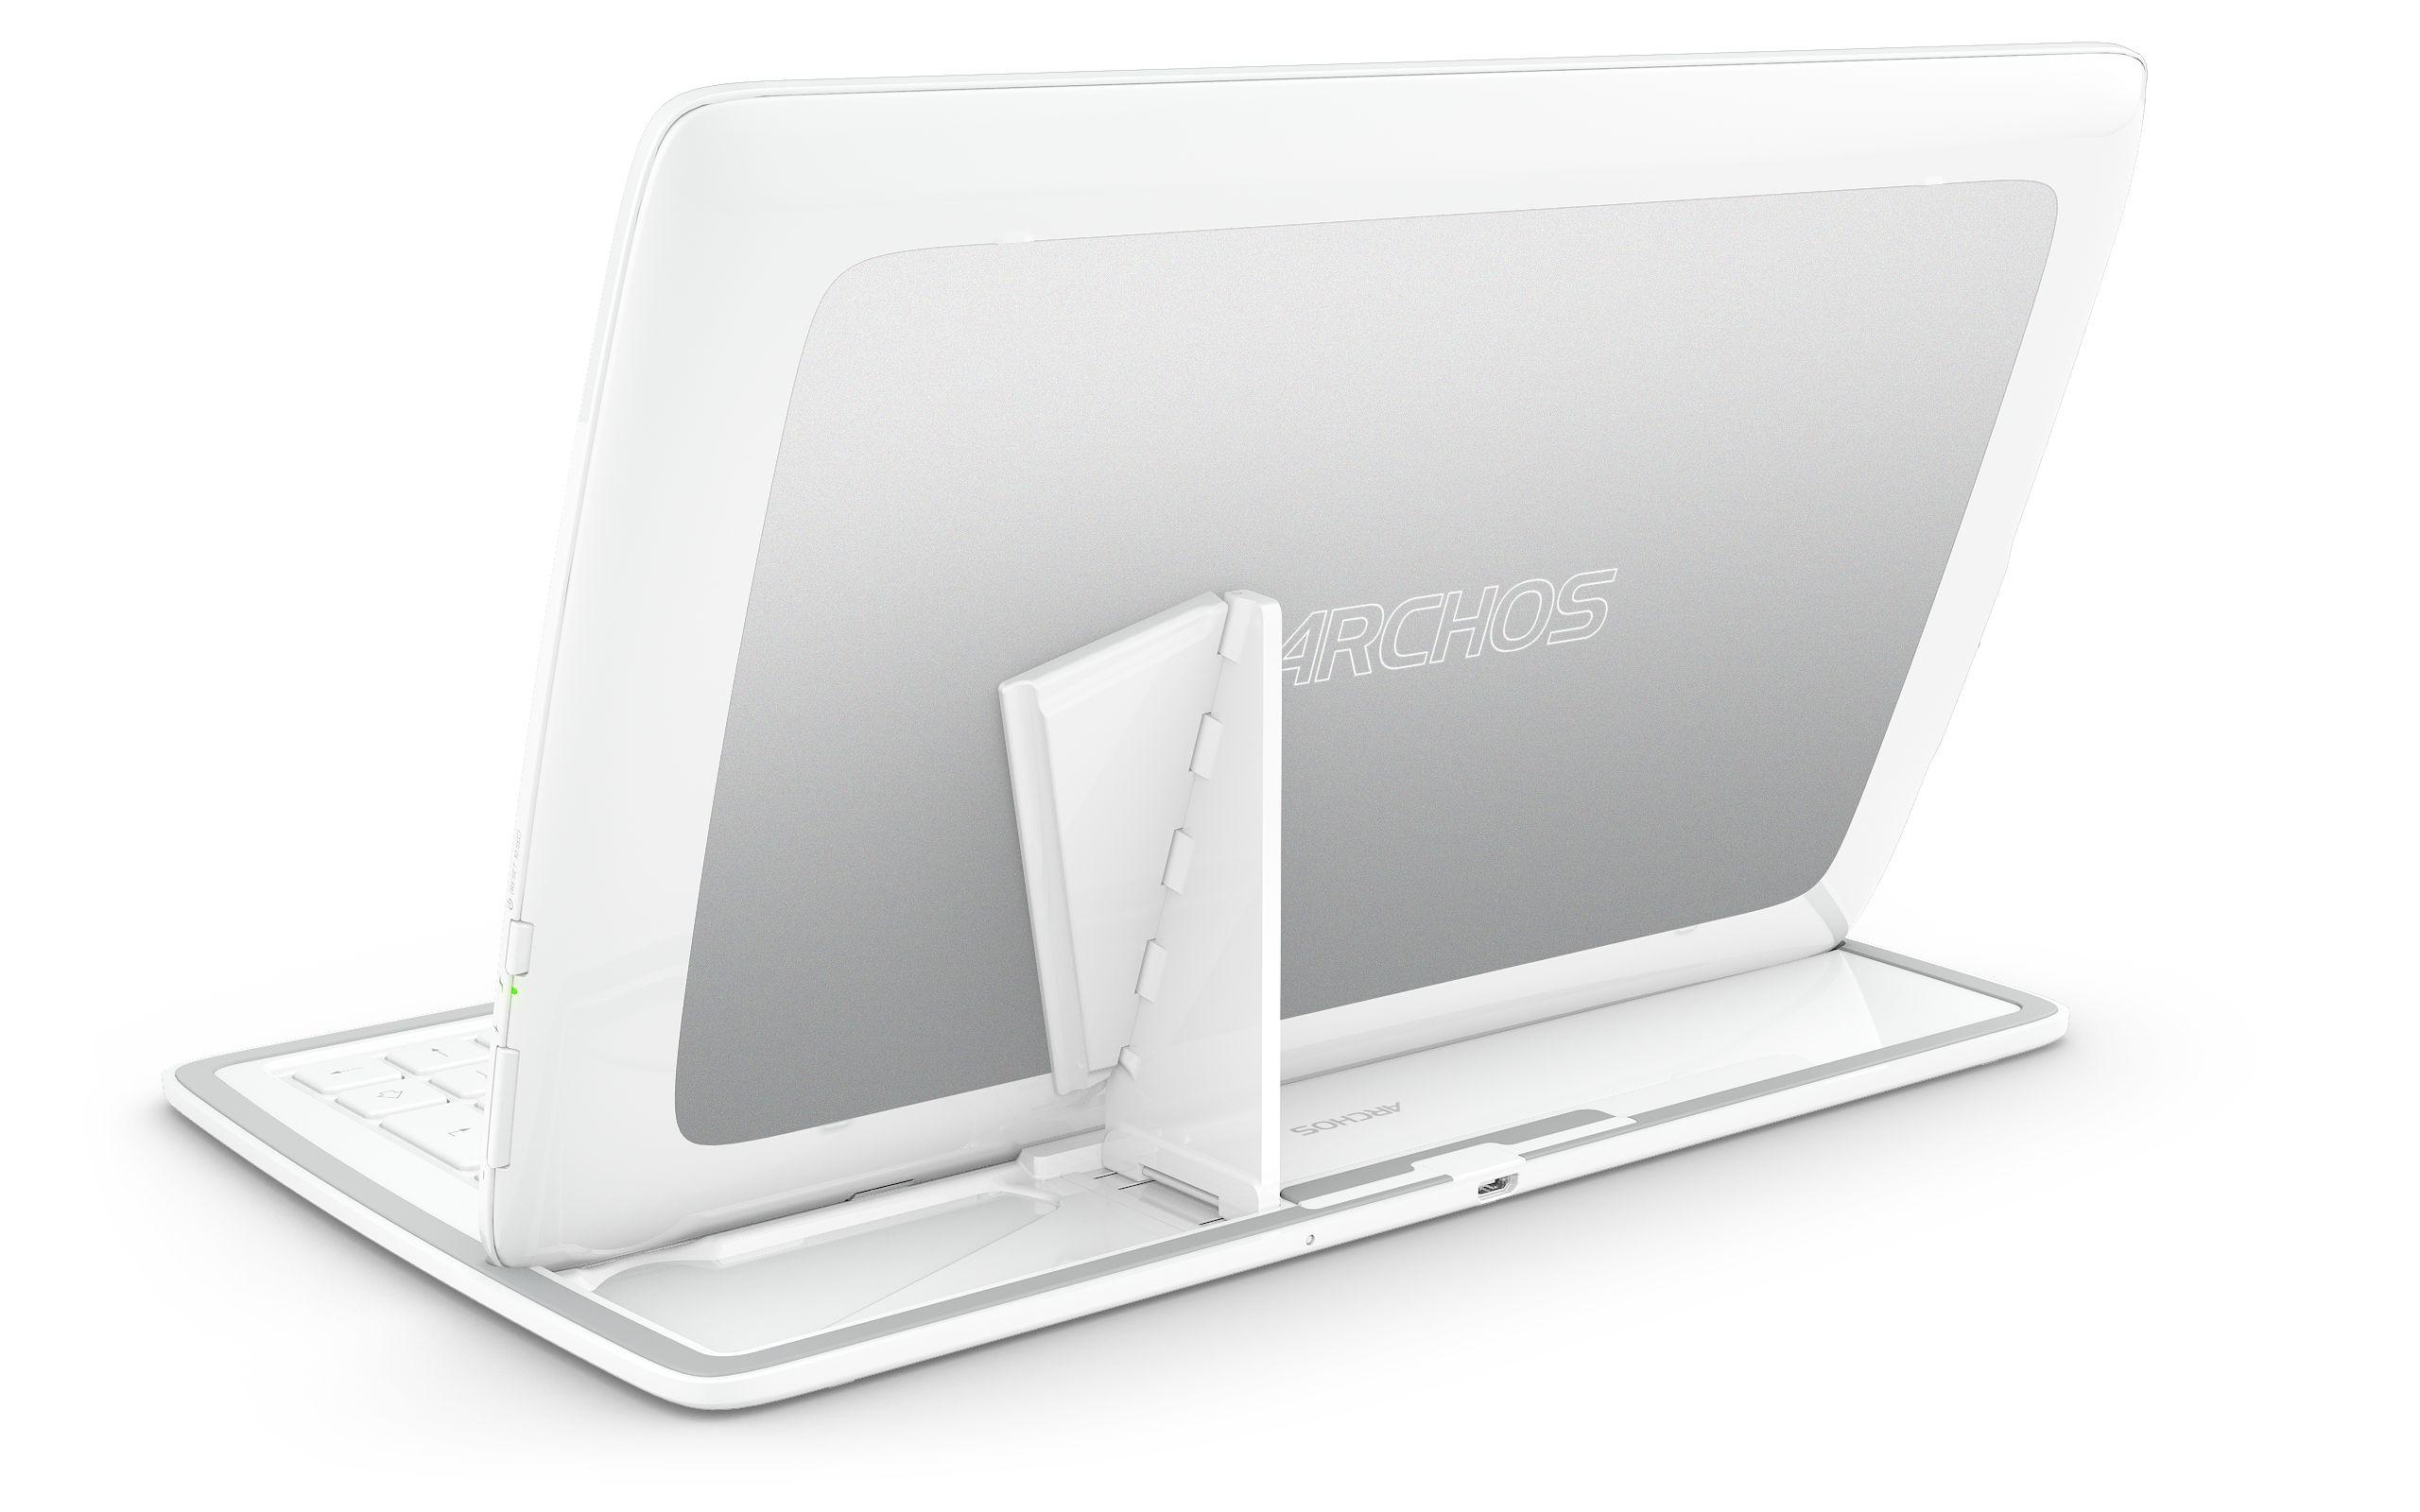 Nettbrettet festes til tastaturet ved hjelp av magneter og en magnetisk støtte.Foto: Archos